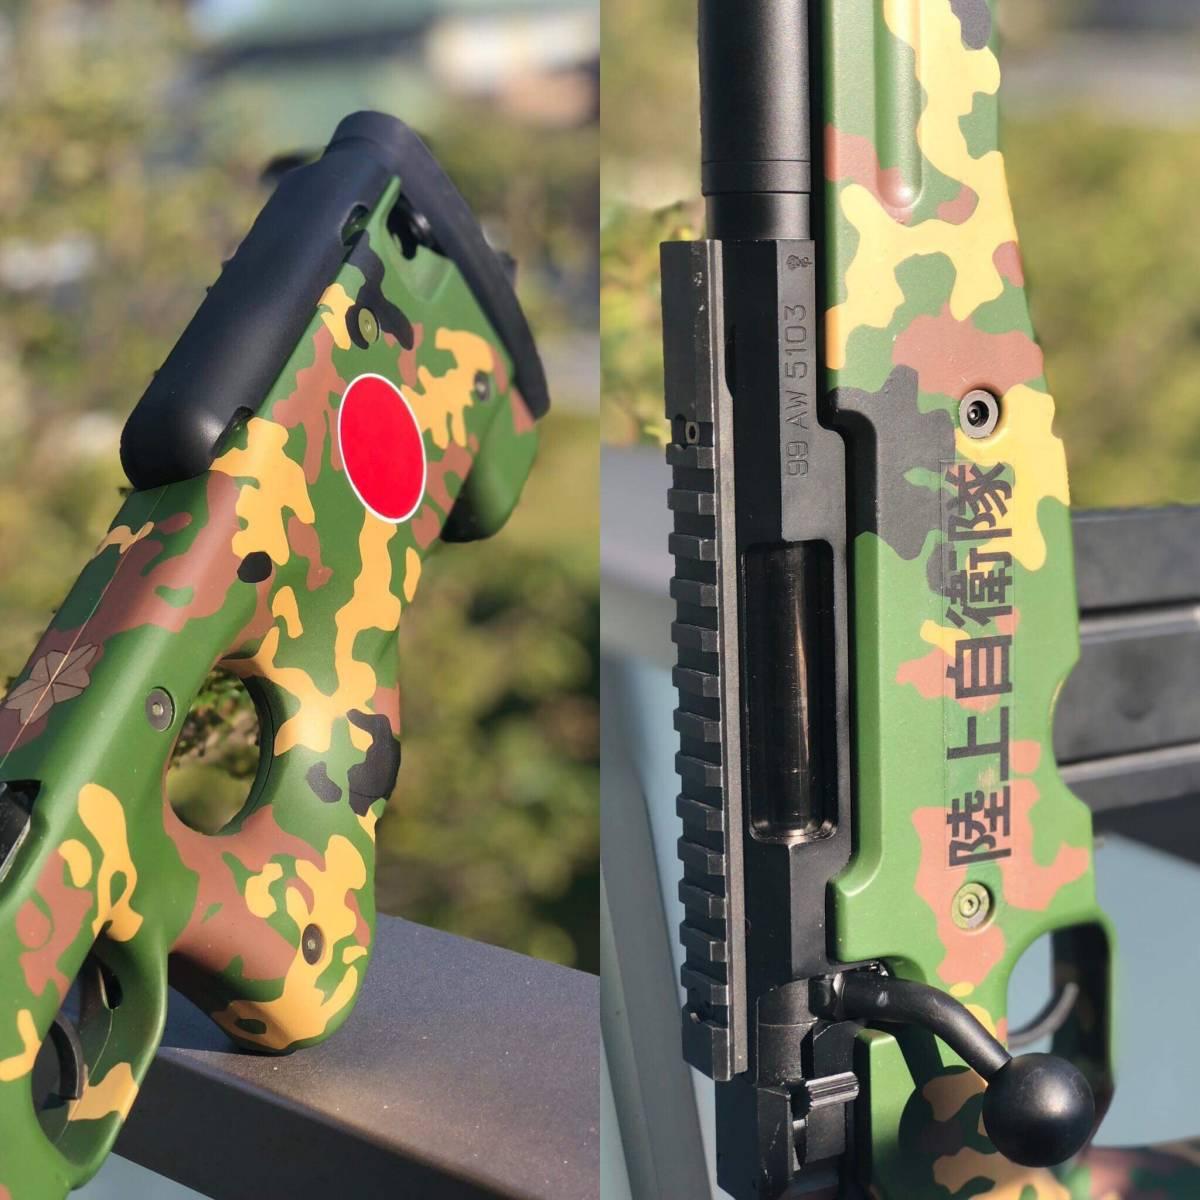 キャンセルのため再出品 l96 AWS 陸上自衛隊カスタム 流速チューン 内外カスタム重量弾使用(検マルイm4 Hk416 ksc hk45 kwa g&g ump p90_画像2